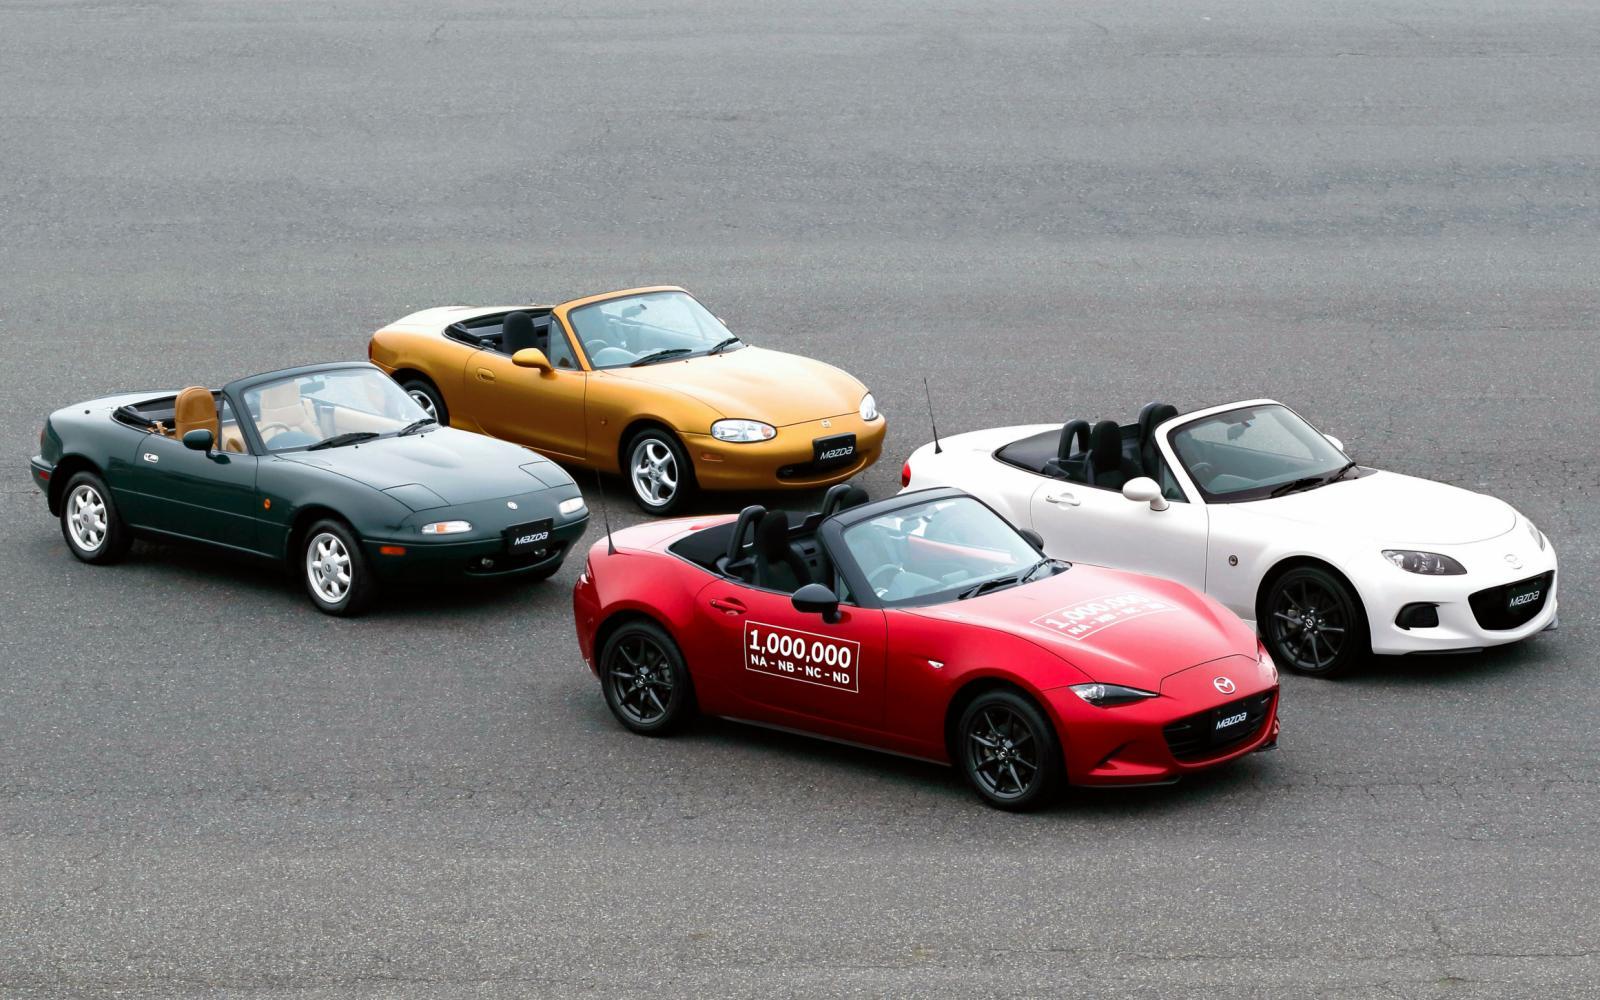 Waarom staat de Mazda MX-5 in het Guinness Book of World Records?